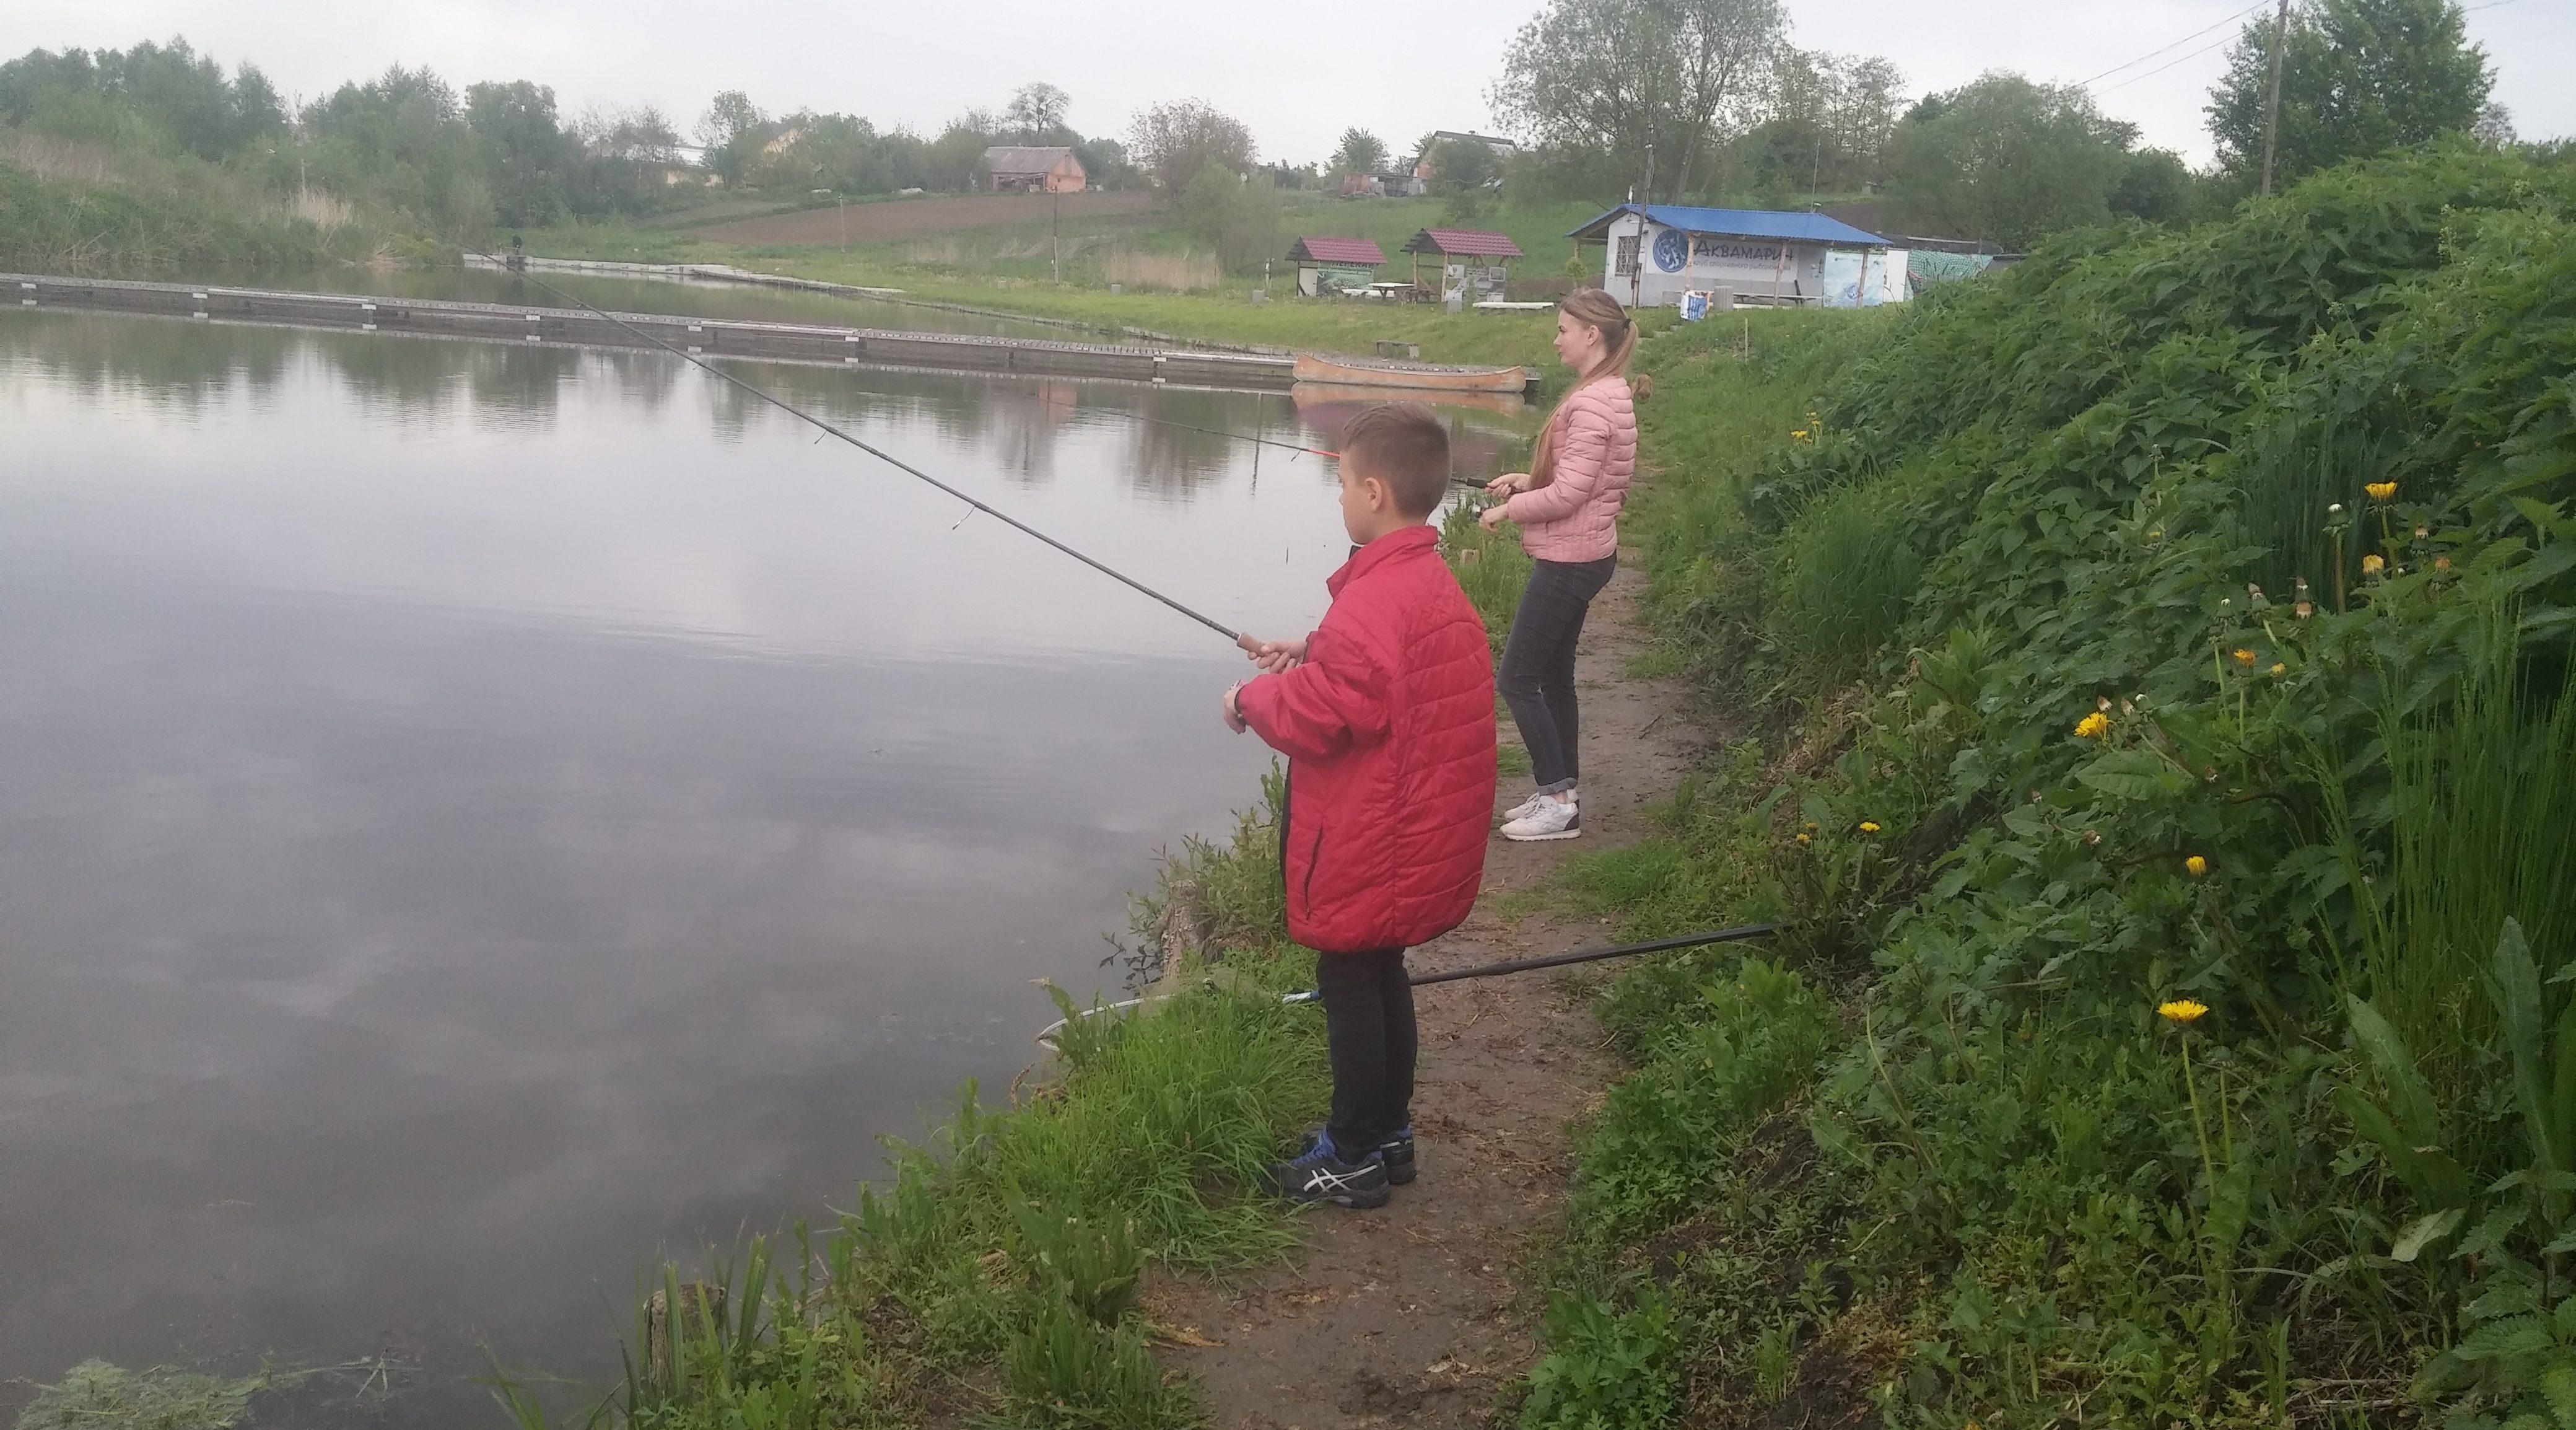 Аквамарин. Часть вторая. Семейная рыбалка, ловля щуки.